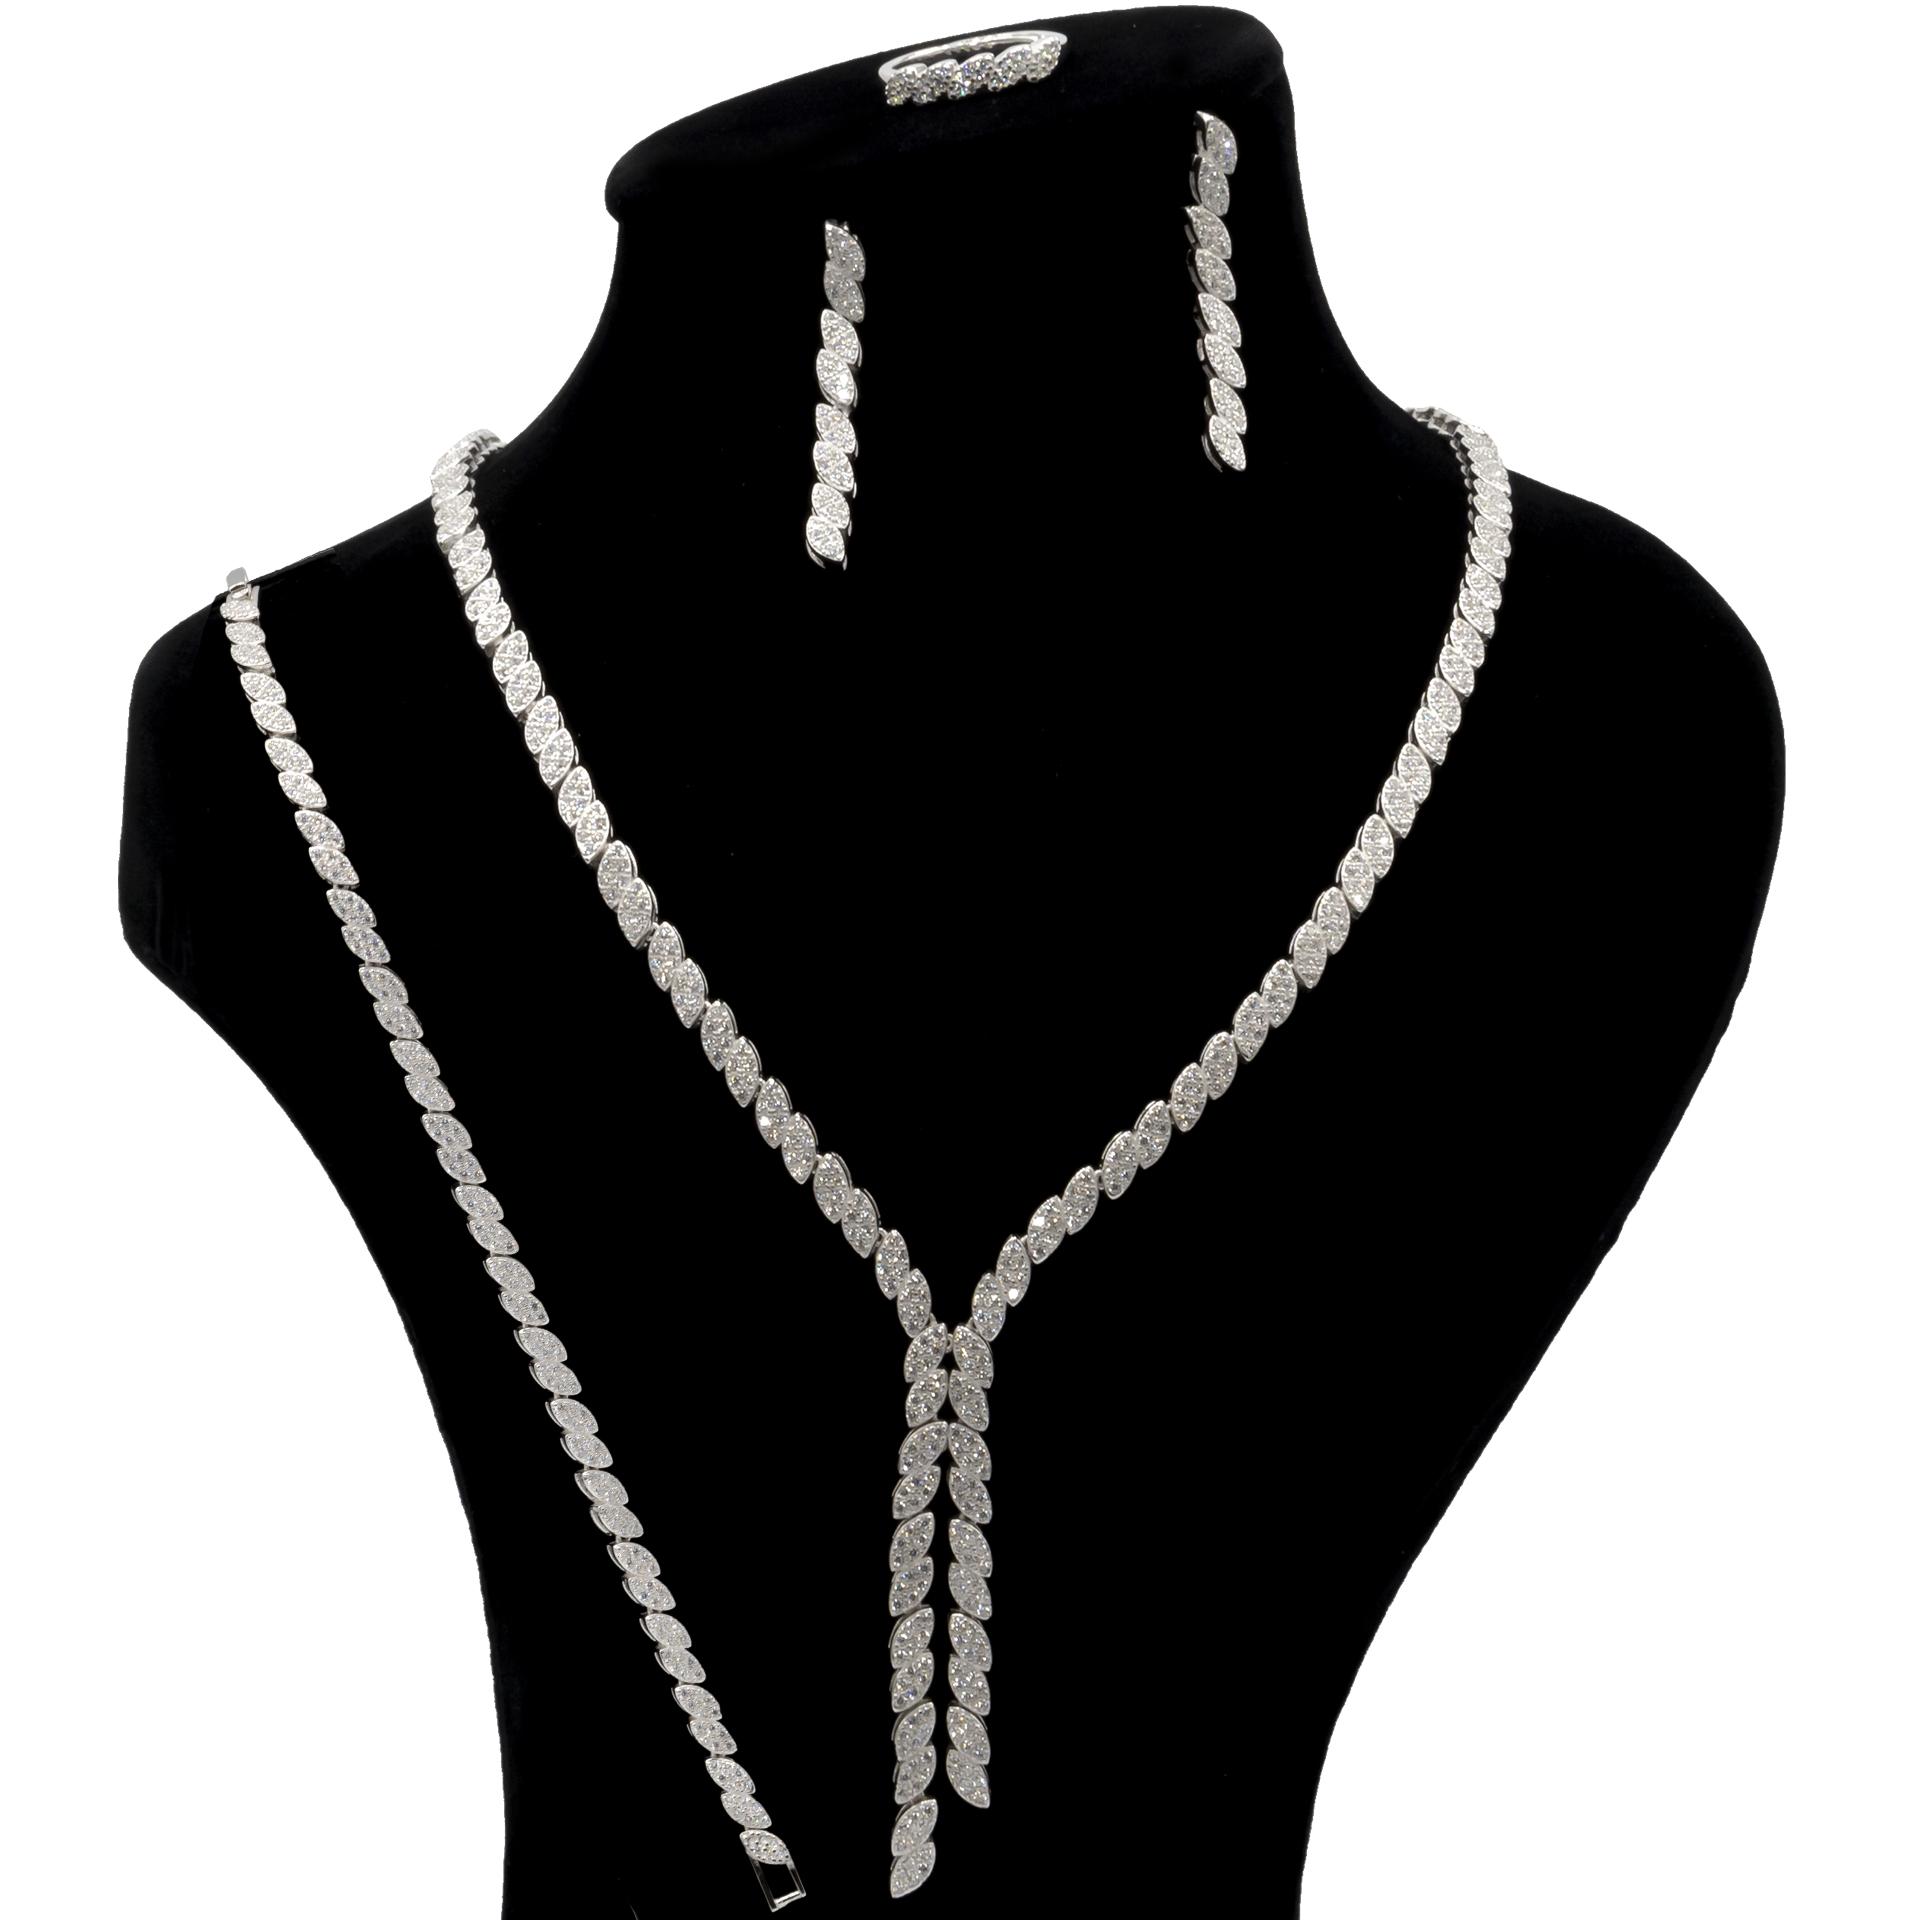 ست نقره زنانه بهارگالری مدل Luxury Jewel کد S3